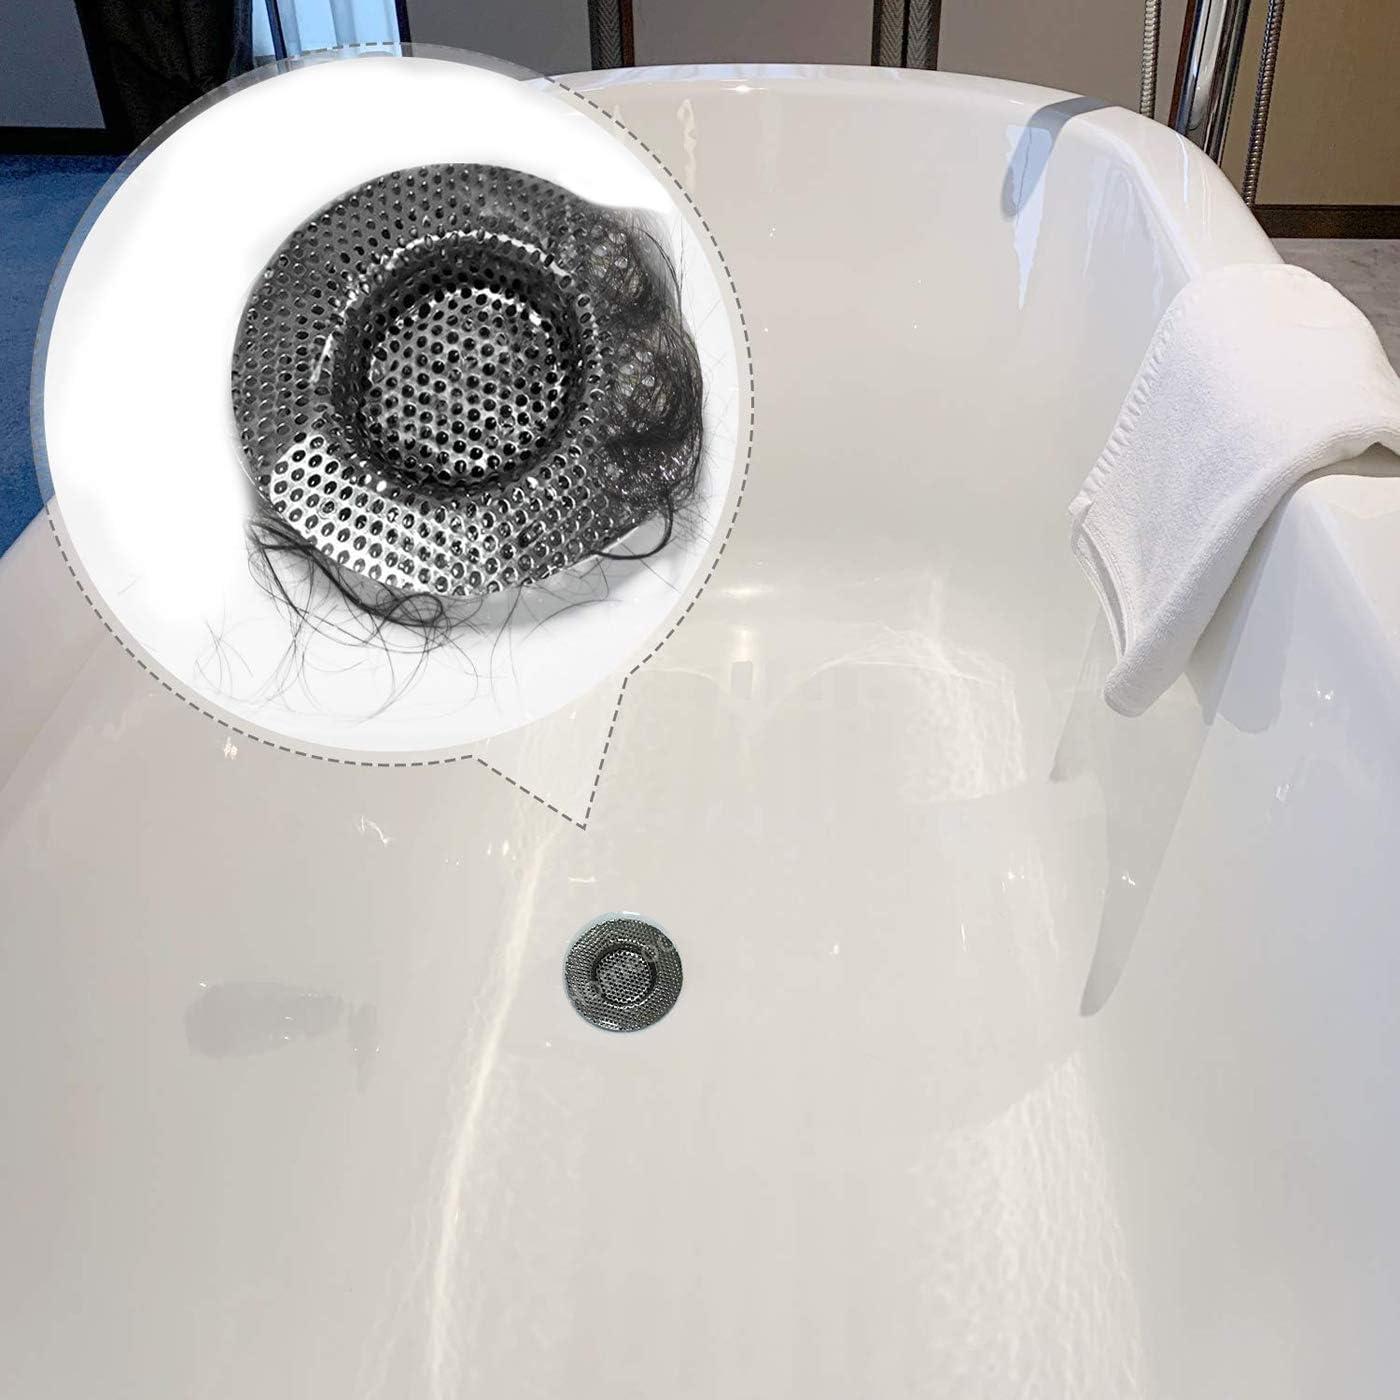 3 Stks Keuken Huid Drain Strainer Rvs Catcher Douche Afvoer Voor Keuken Of Bad Sink Drain Filter 7 9 11 Cm Amazon Nl